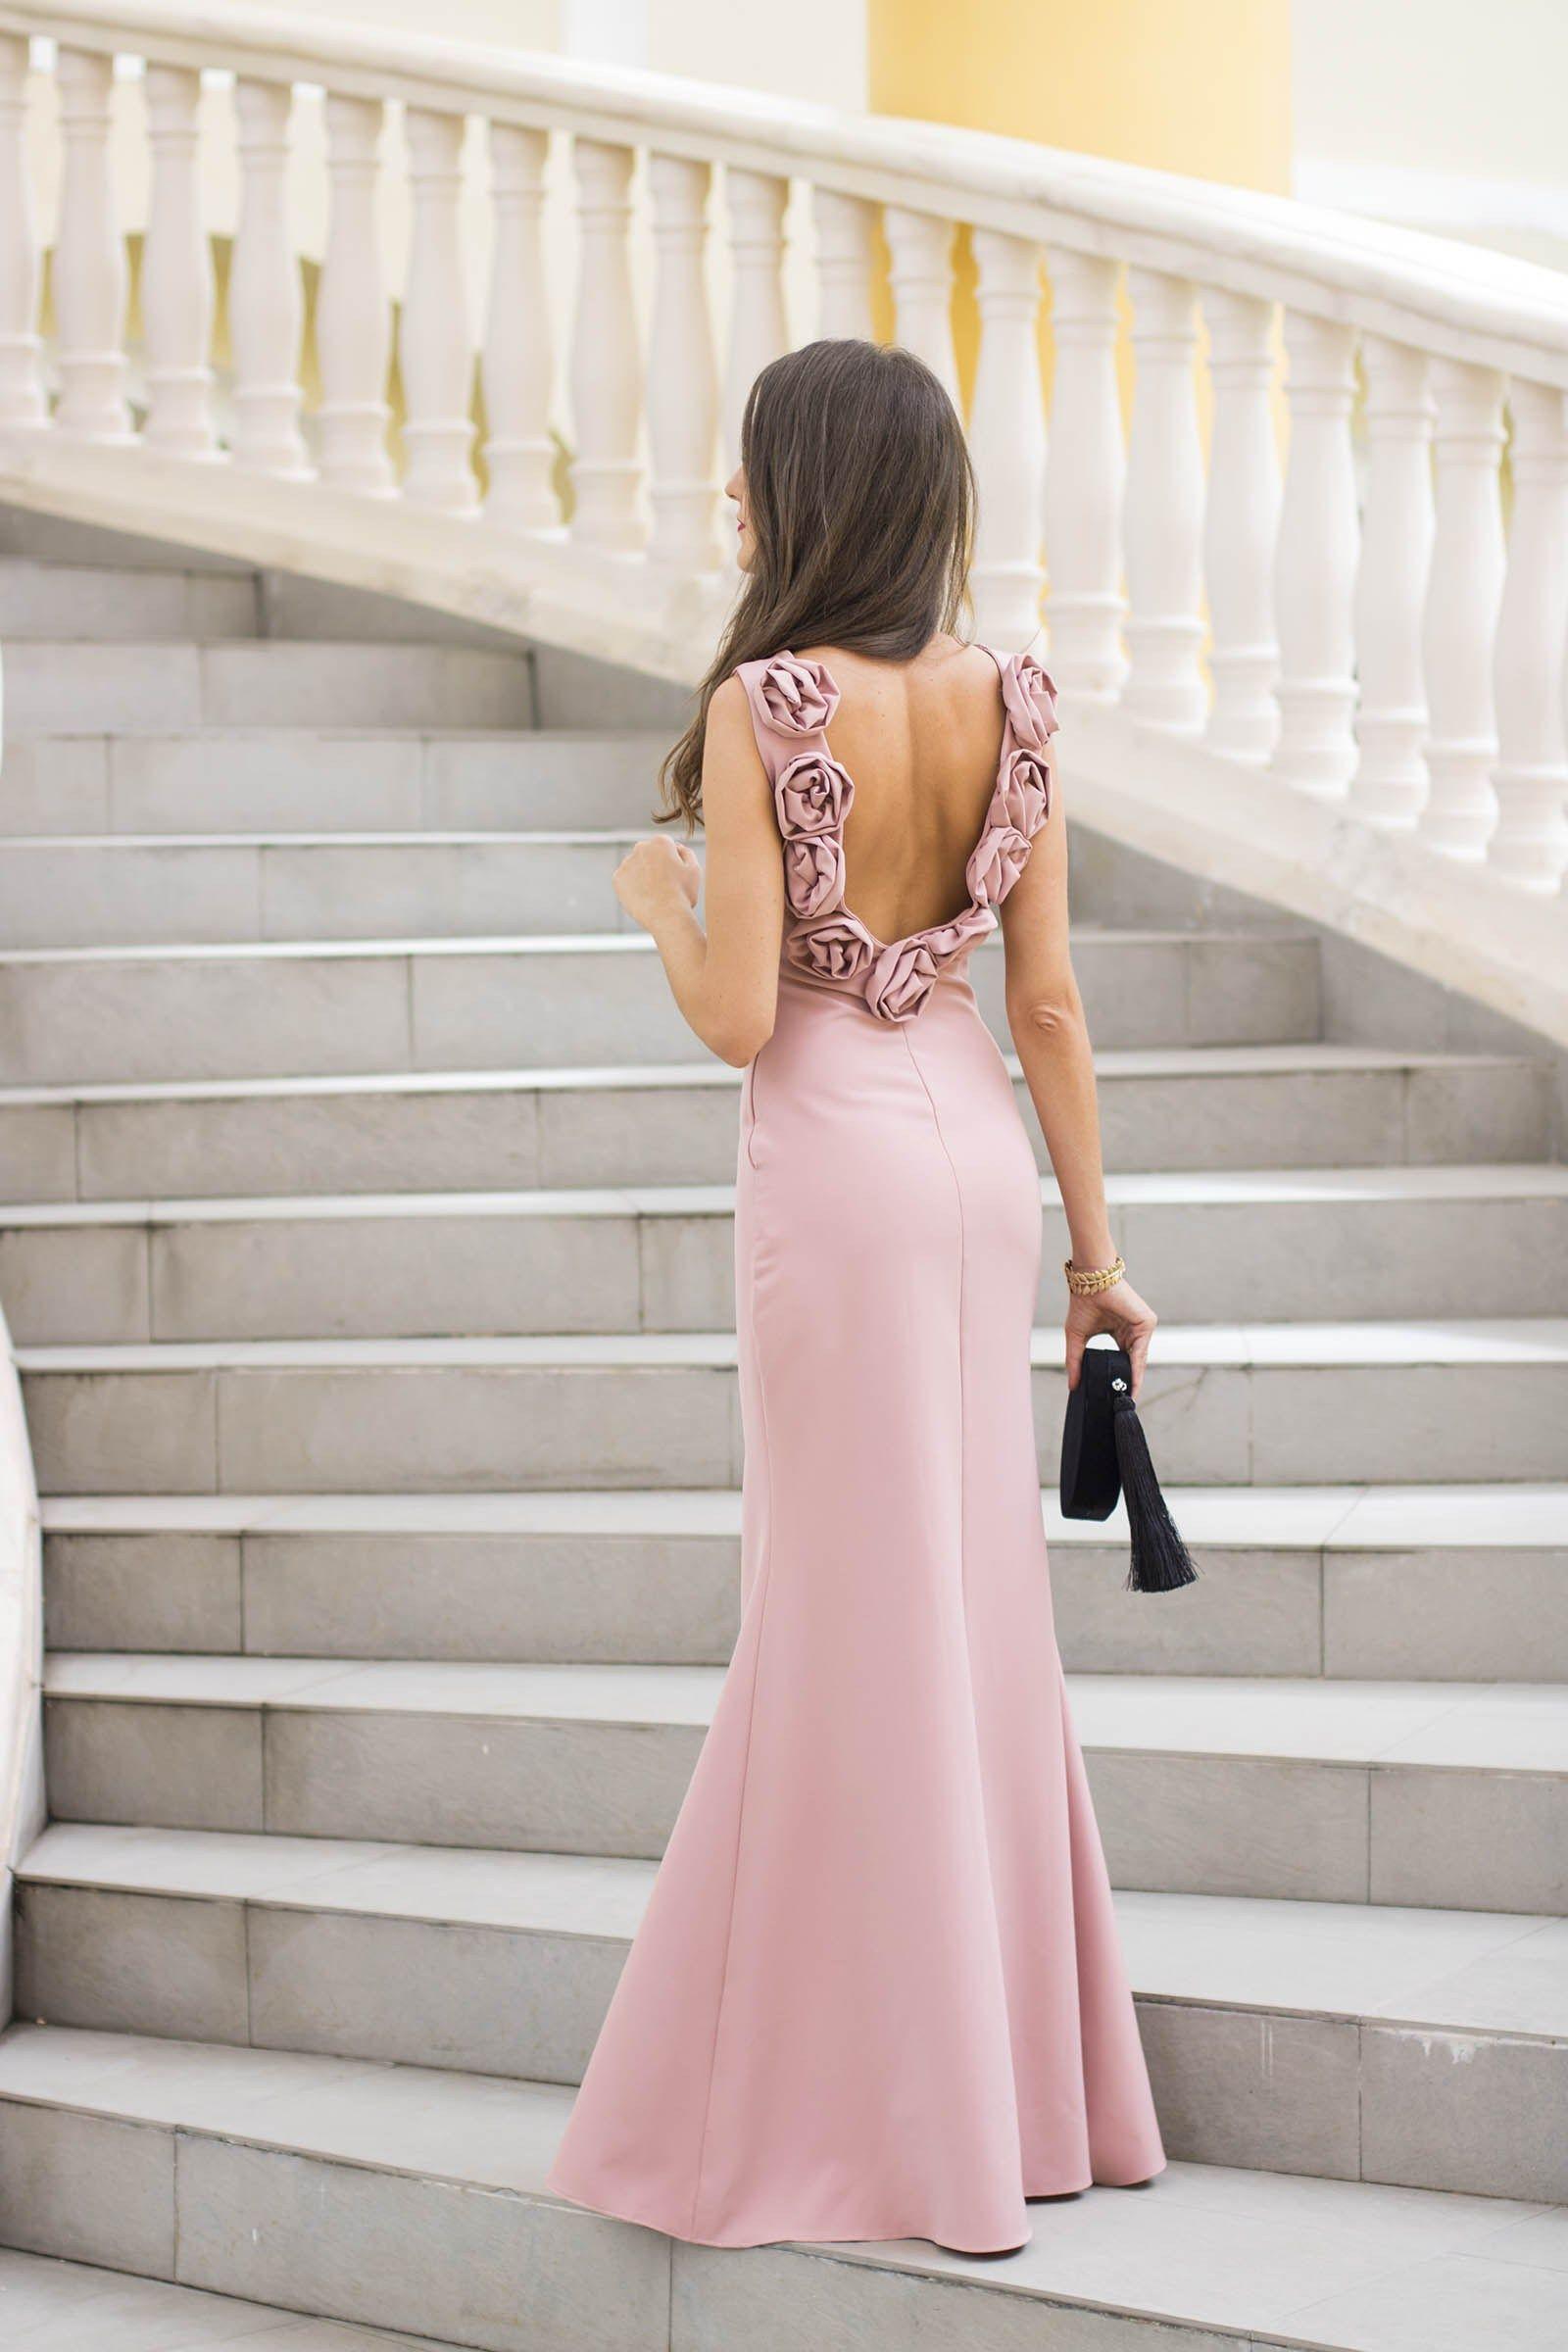 Invitada boda noche invierno estola vestido rosa largo | Dresses ...